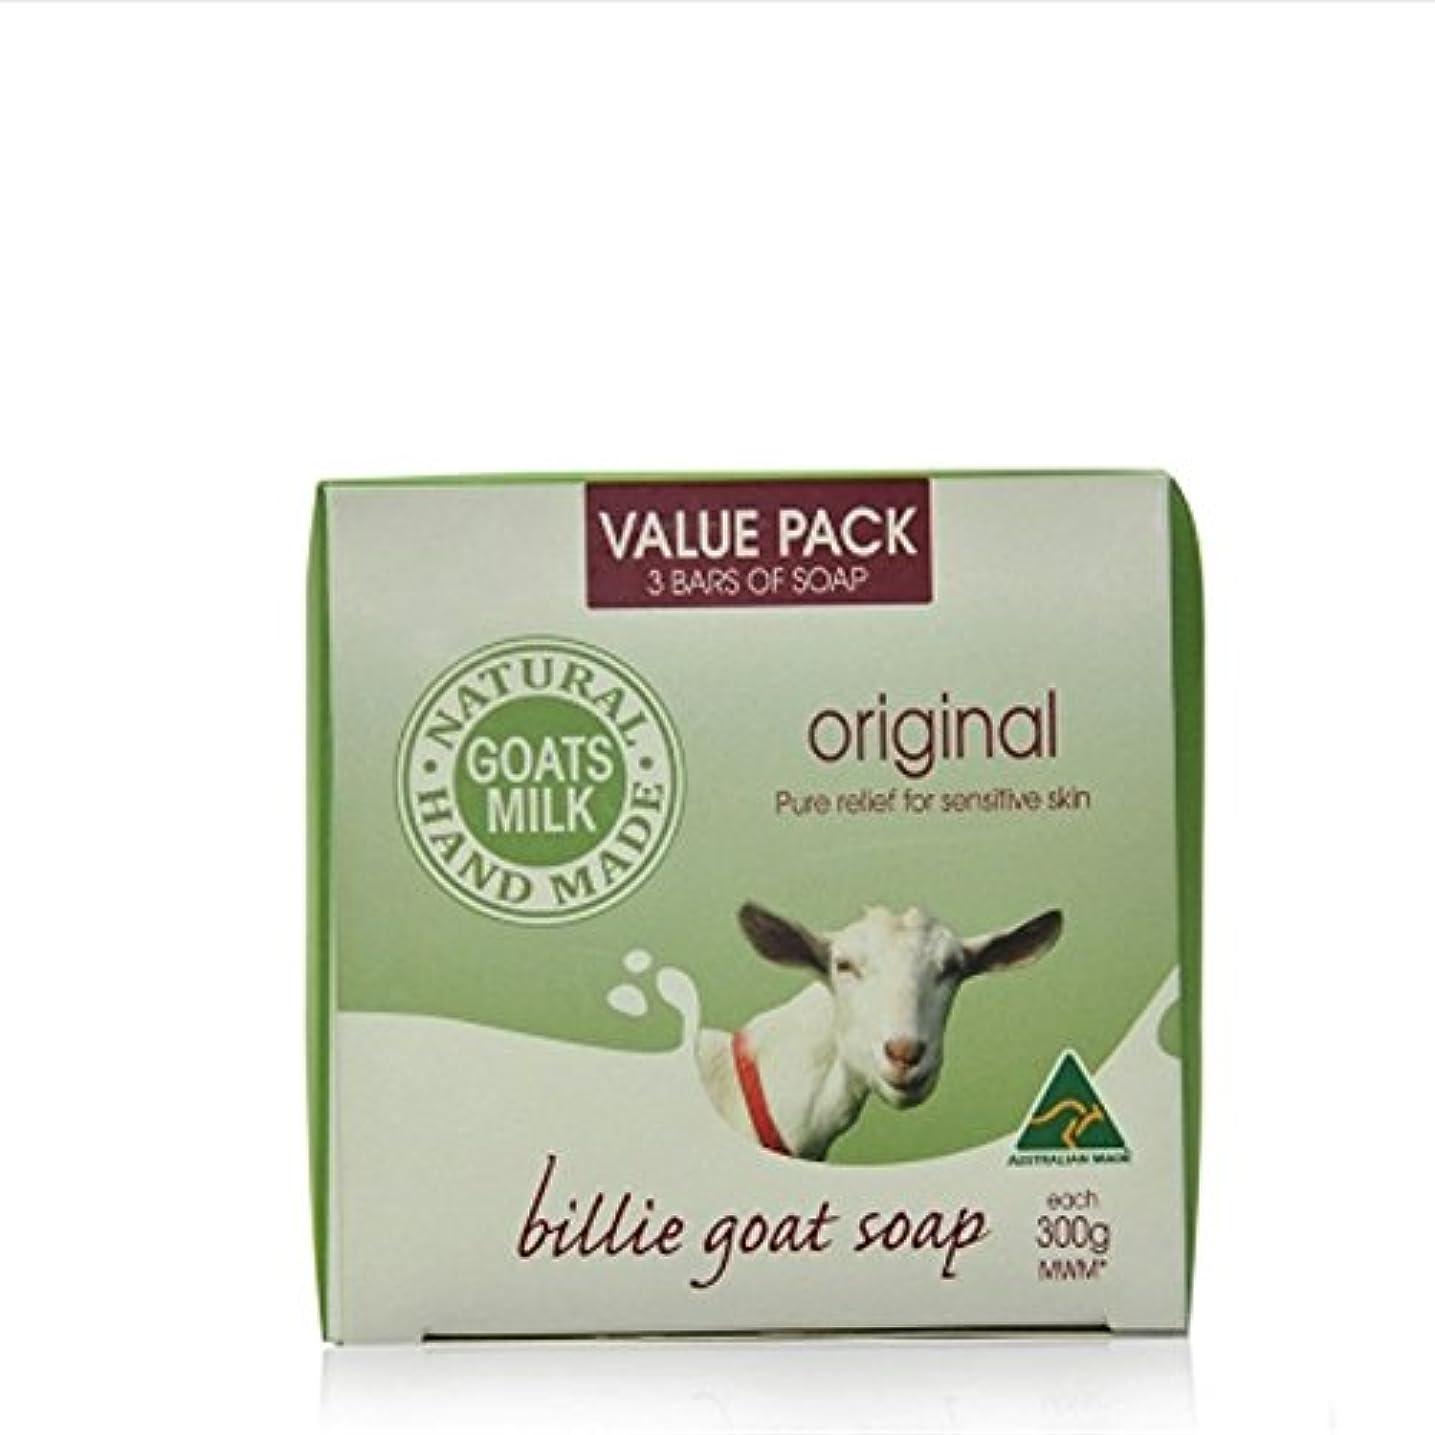 談話に対して平和的[Billie Goat Soap]ビリーゴートソープ(ナチュラル)お徳用3個セット[海外直送品]